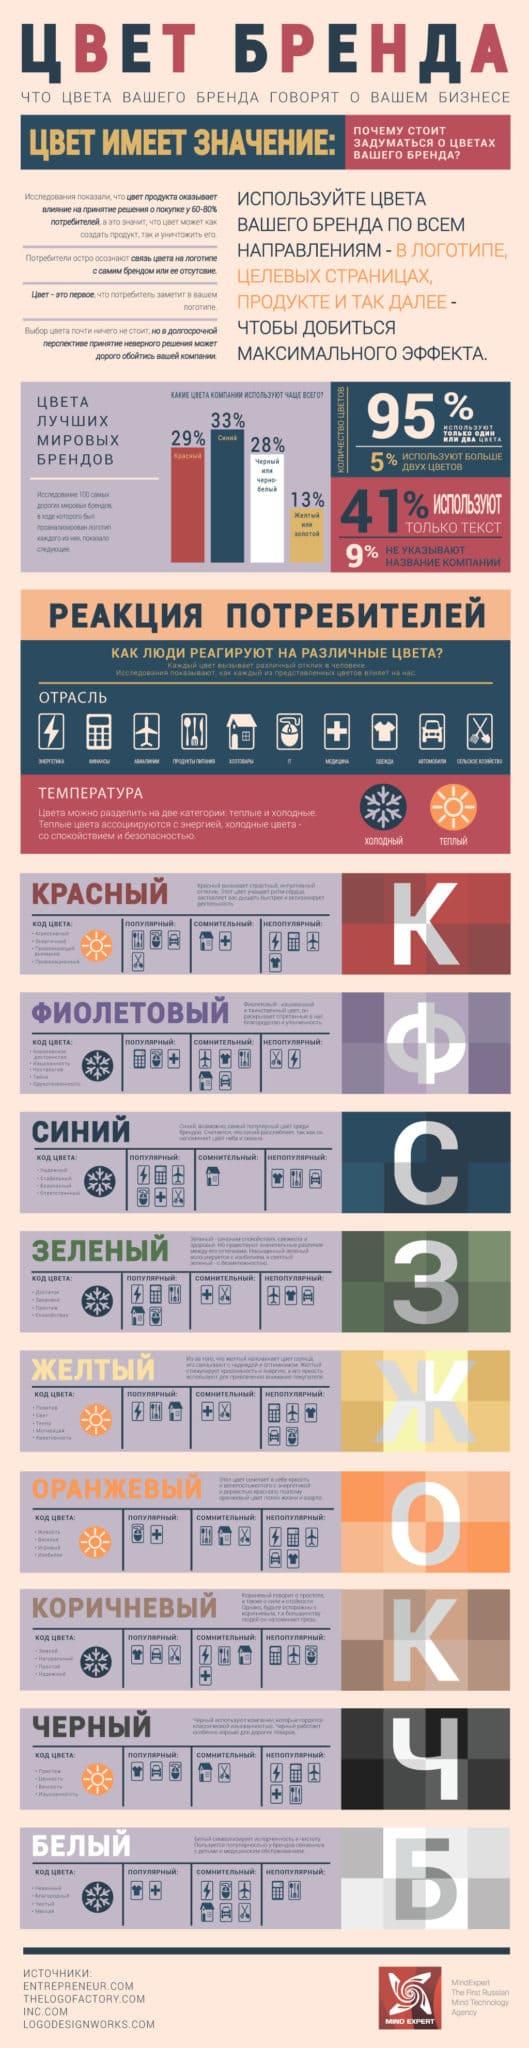 цветовая гамма для сайта и брендинга (инфографика)